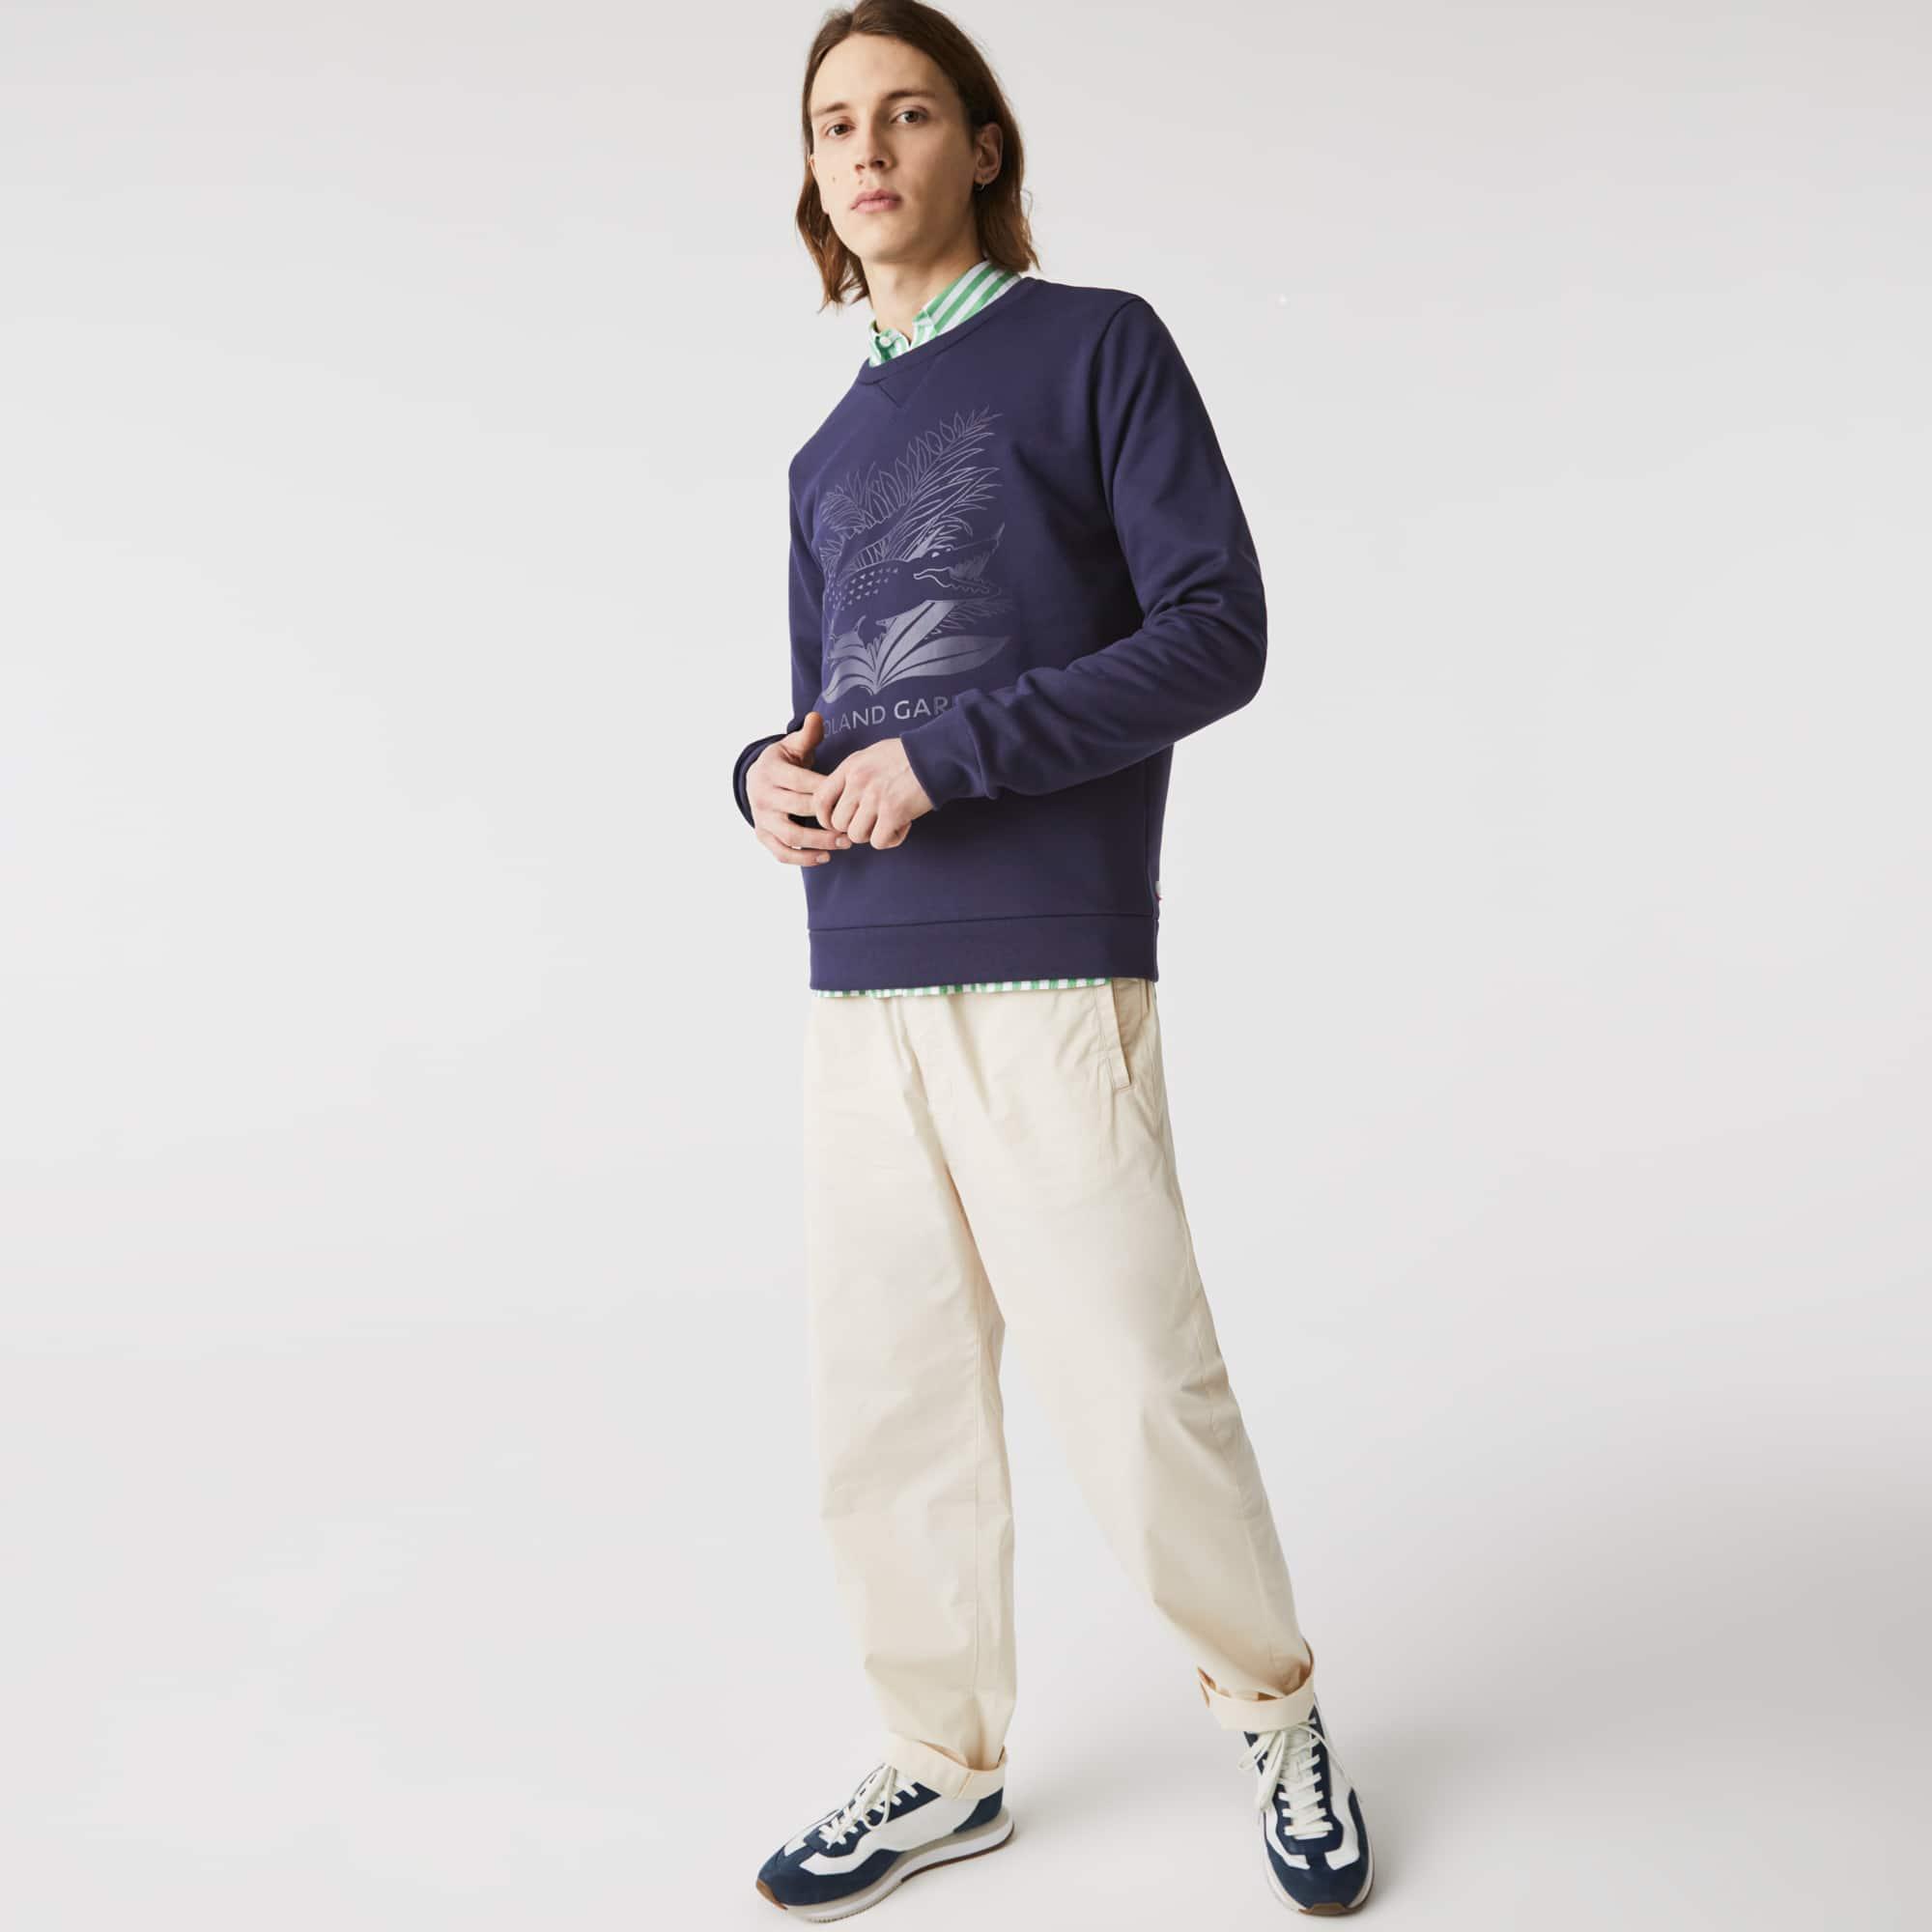 라코스테 스포츠 롤랑가로스 맨투맨 Lacoste Mens SPORT Roland Garros Plant Print Sweatshirt